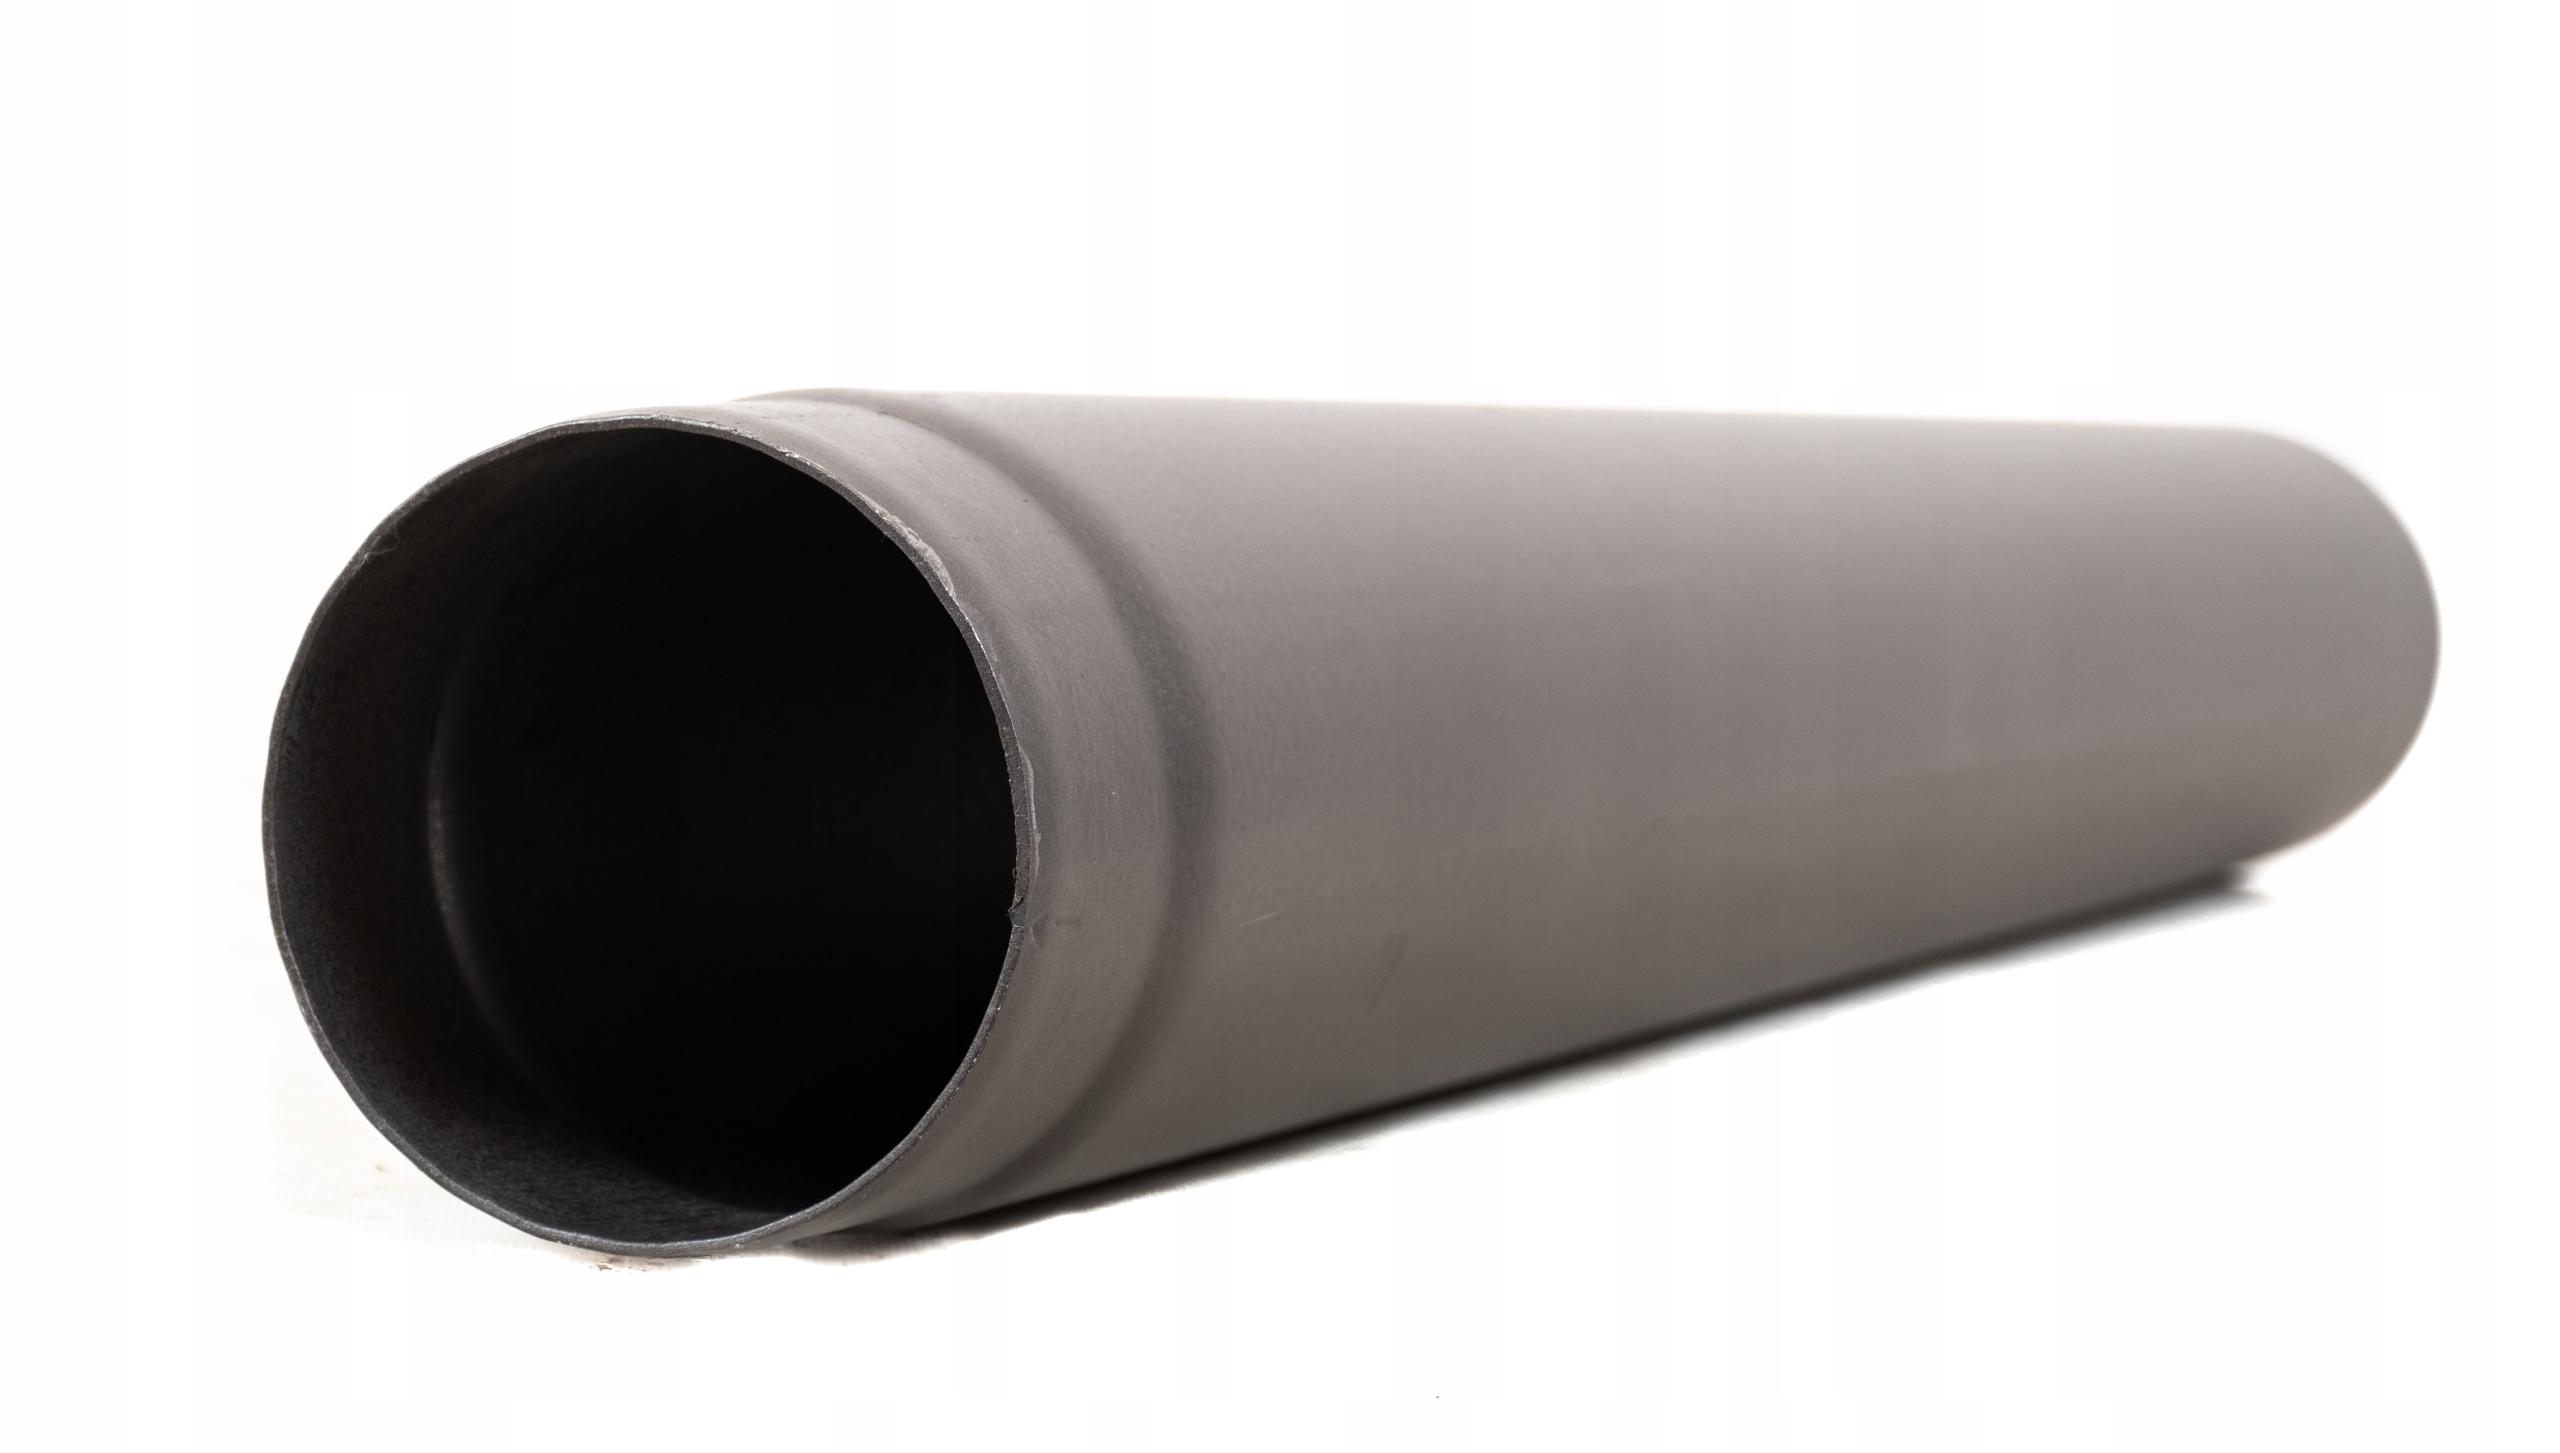 RURA KOMINOWA SPALINOWA DYMOWA 2mm FI 130 KOMINEK Kod produktu KOLANKO ŻAROODPORNE NASTAWNE DYMOWE